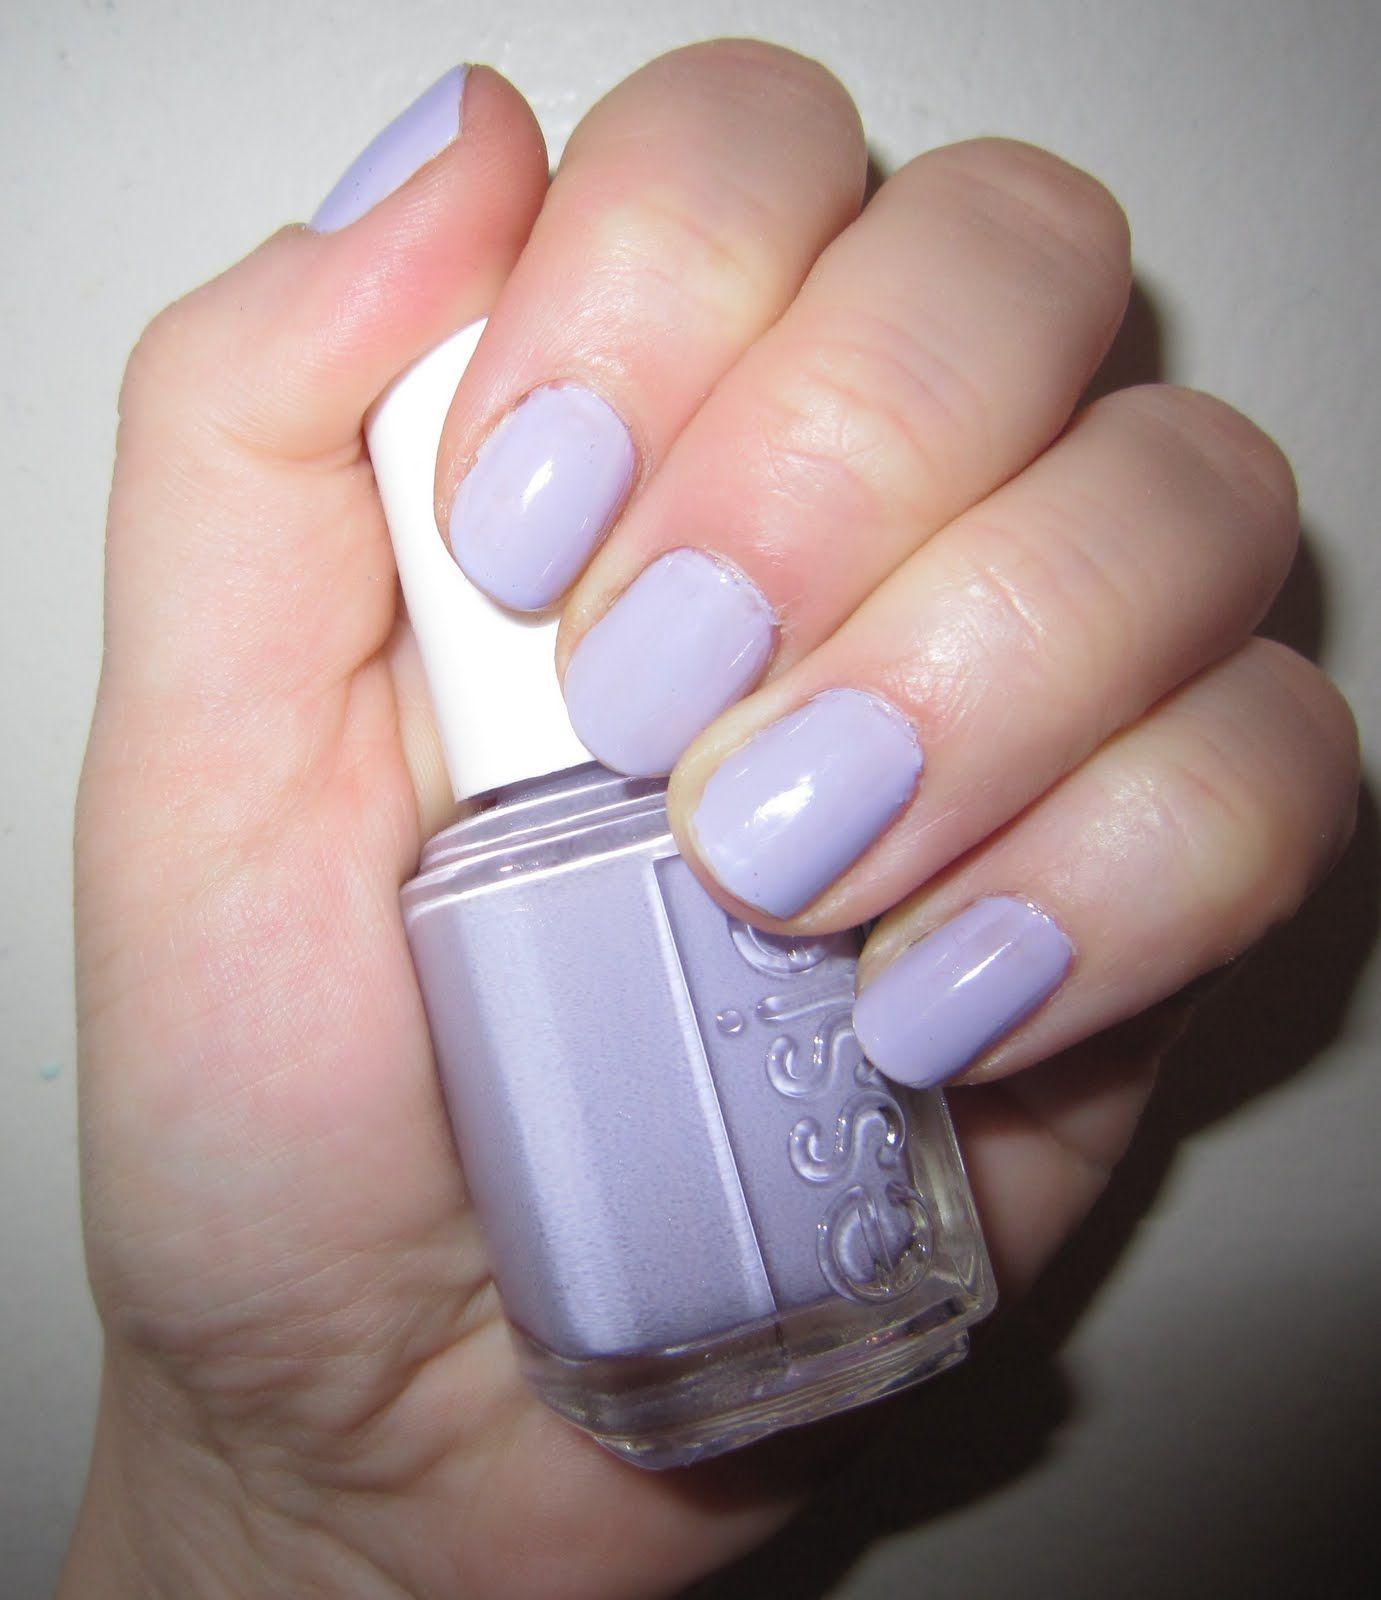 Pin by Jacquelyn Lemon on Nail Art | Pinterest | Essie nail polish ...